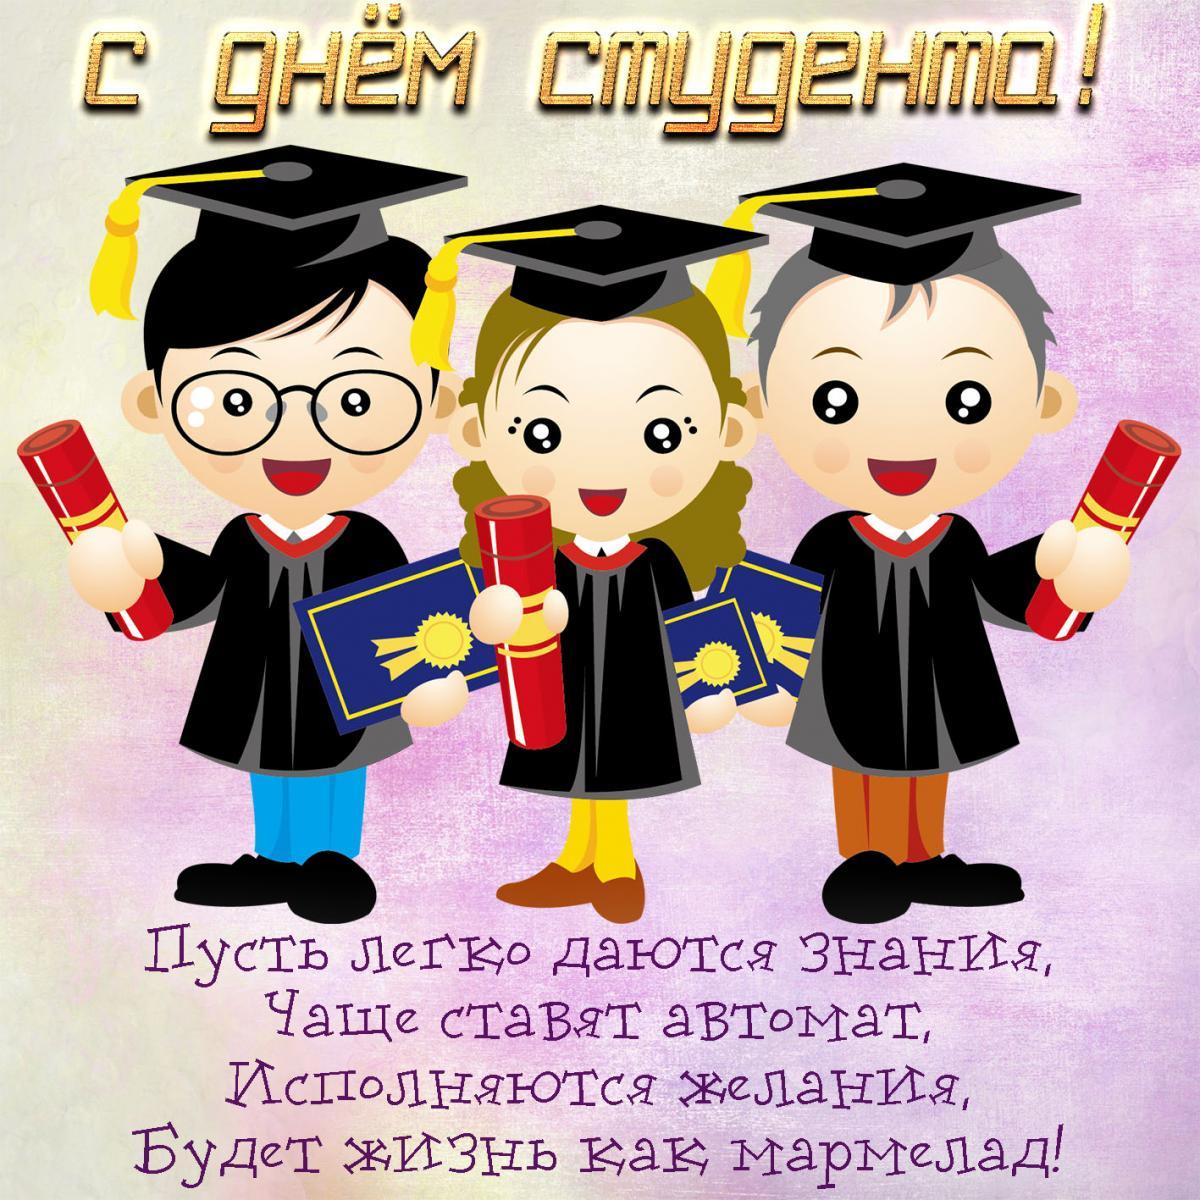 День студента картинки / фото bonnycards.ru